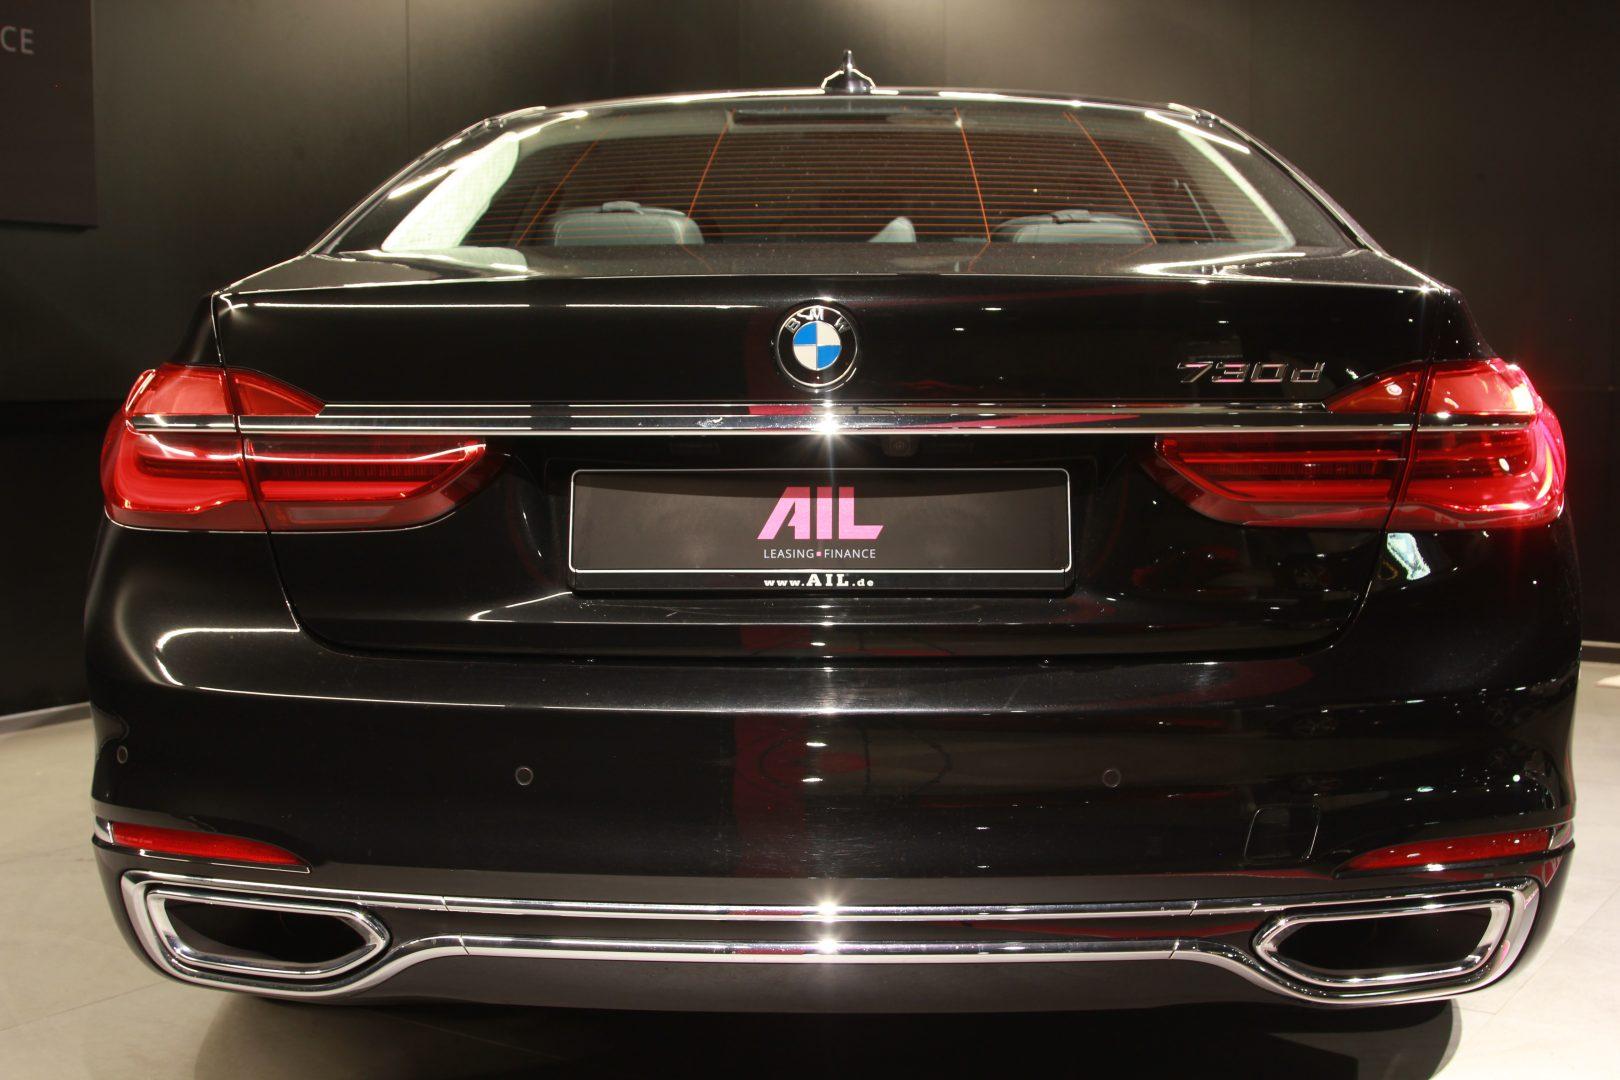 AIL BMW 730d LED  12